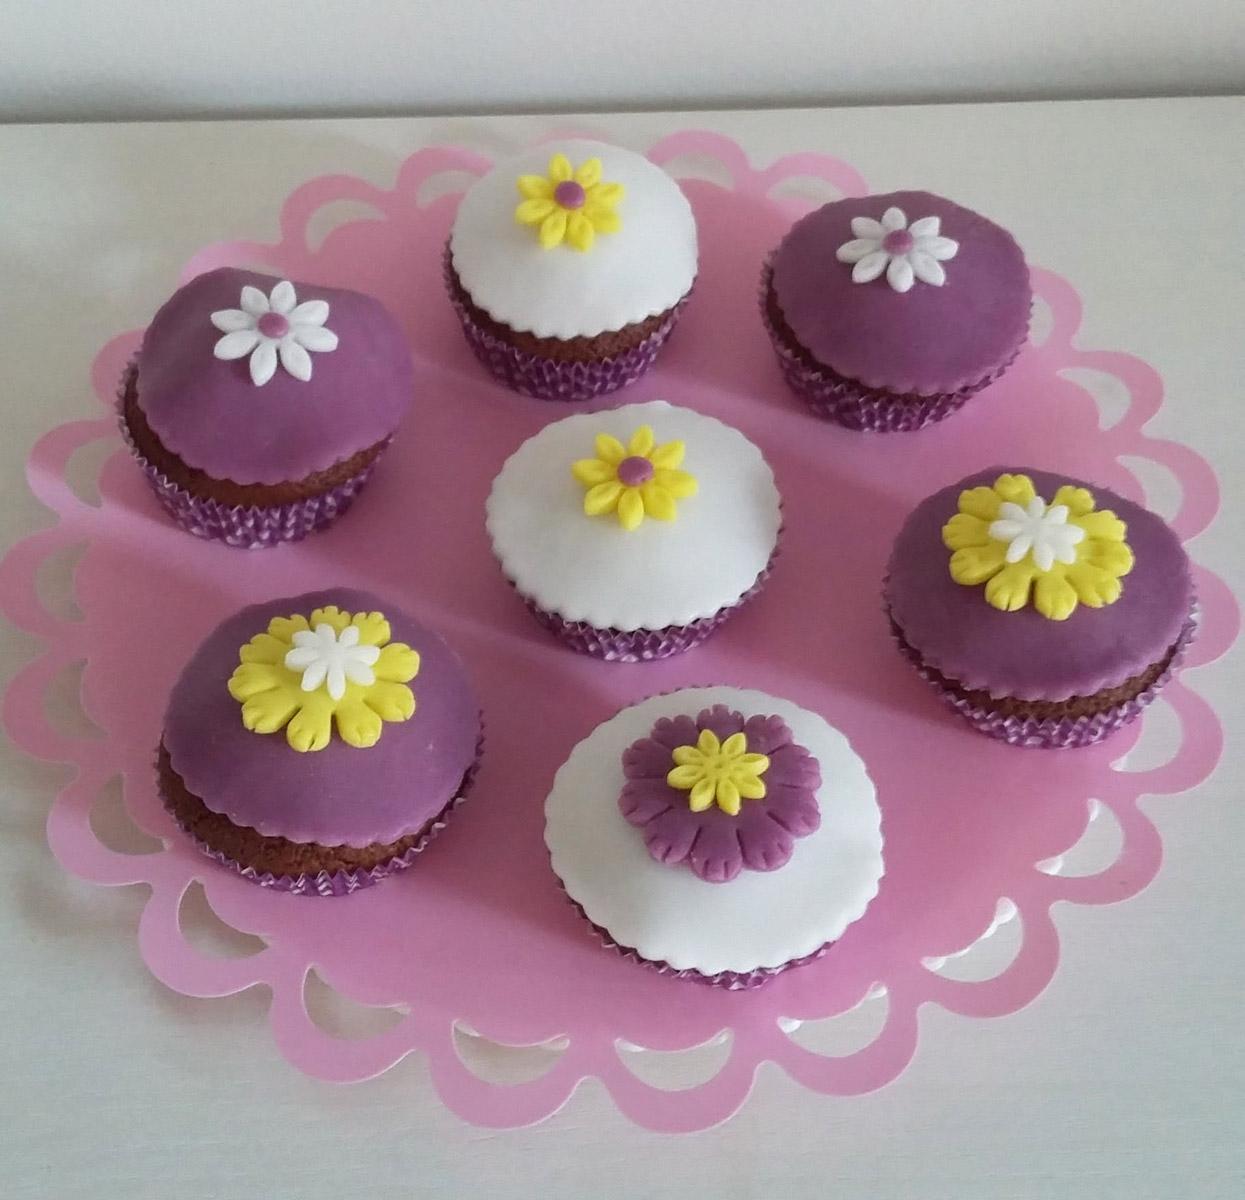 http://dolcequantobasta.it/wp-content/uploads/2016/03/muffin-al-miele-con-decorazioni-in-pdz.jpg